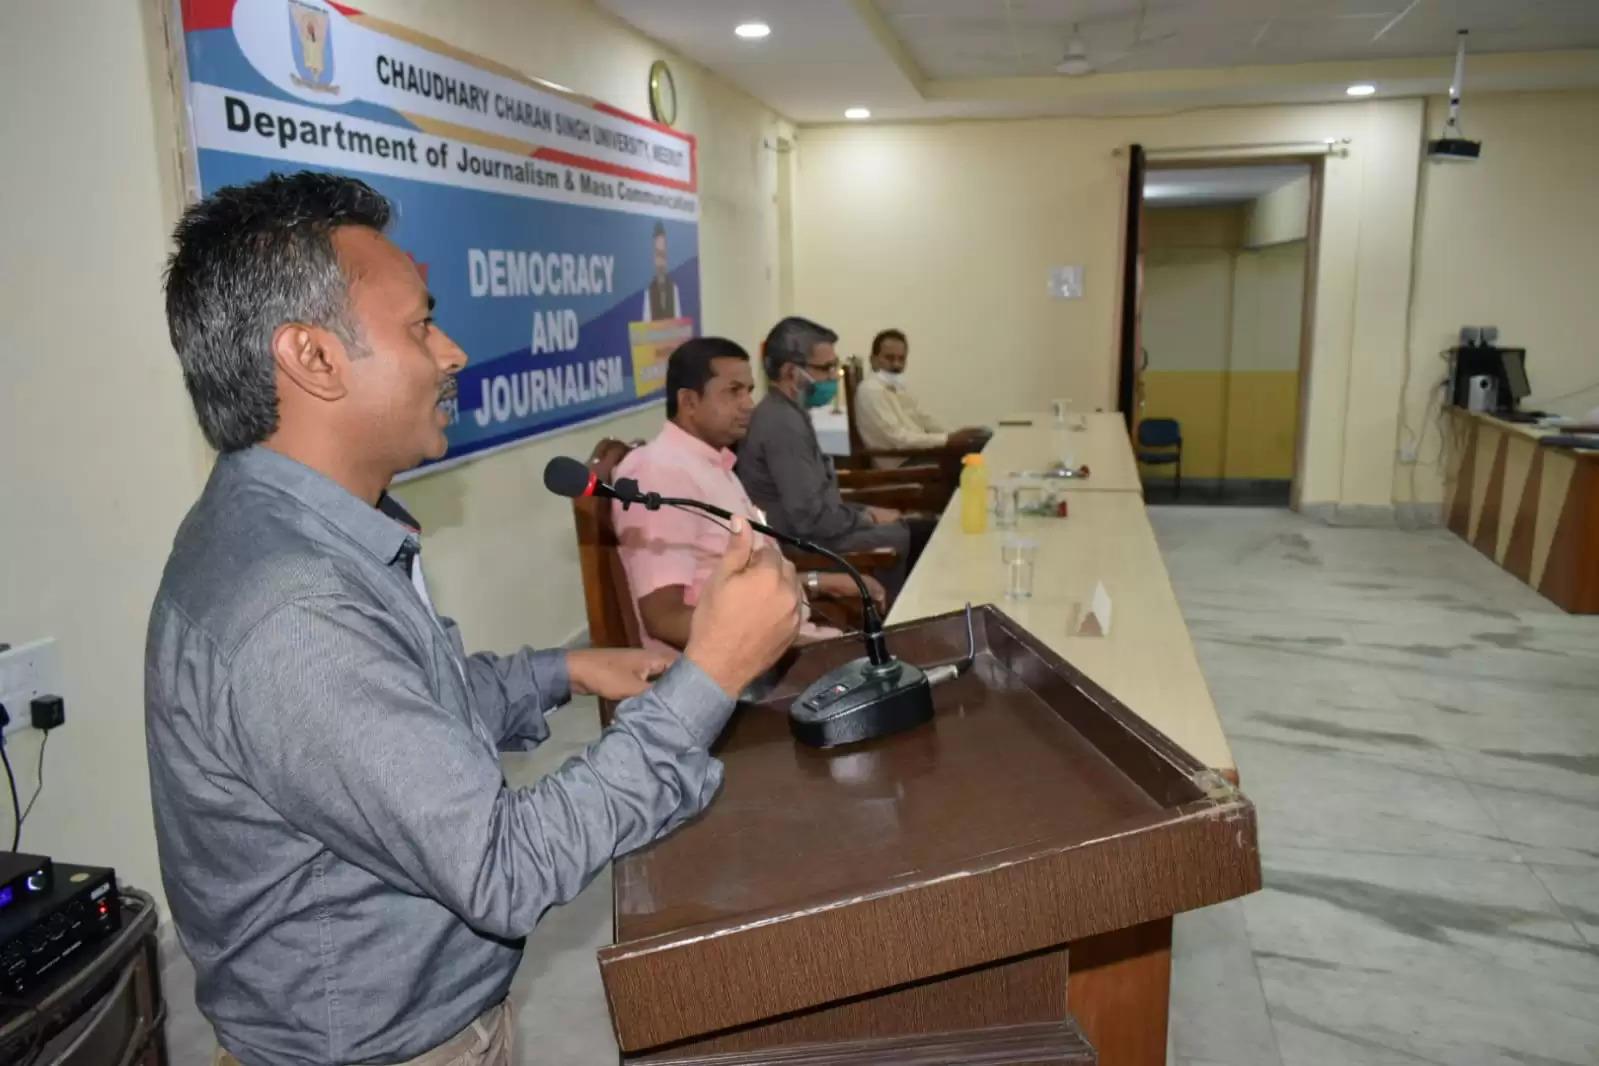 लोकतंत्र को जगाने का काम करती है कलम: रामवीर श्रेष्ठ